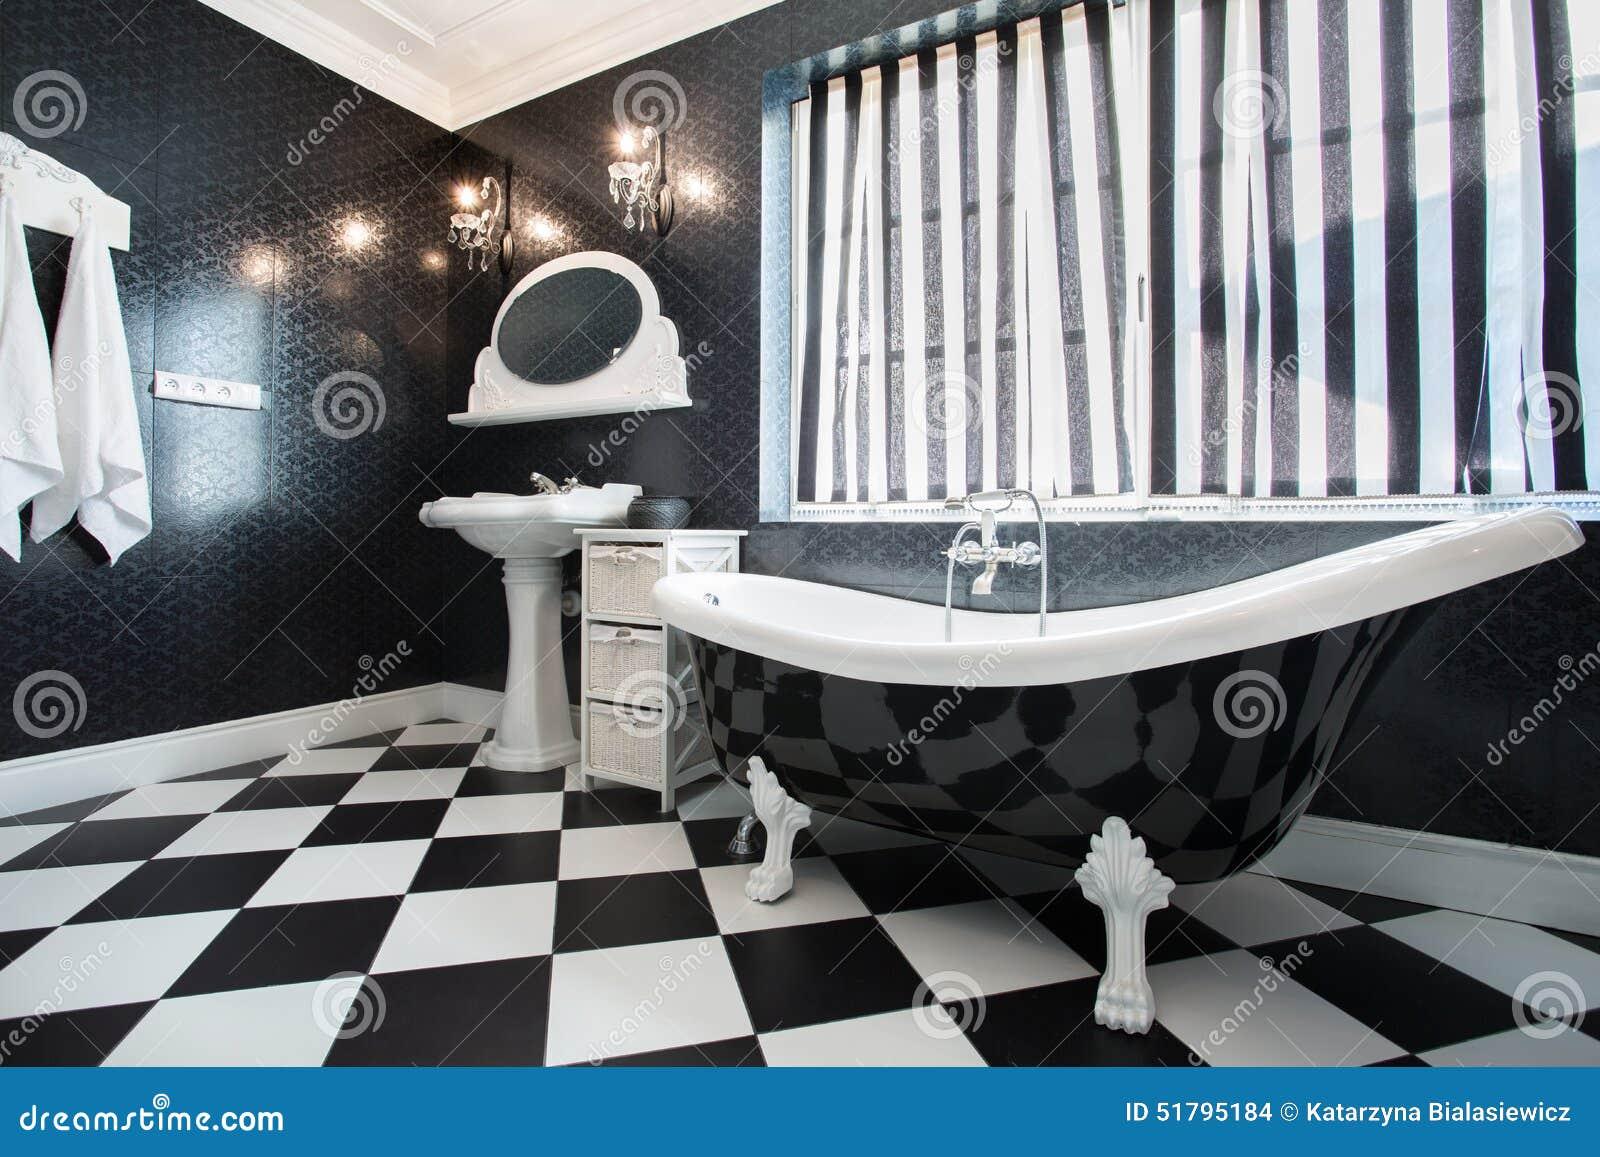 Imagenes de ba os con ceramica negra - Dormitorios blanco y negro ...